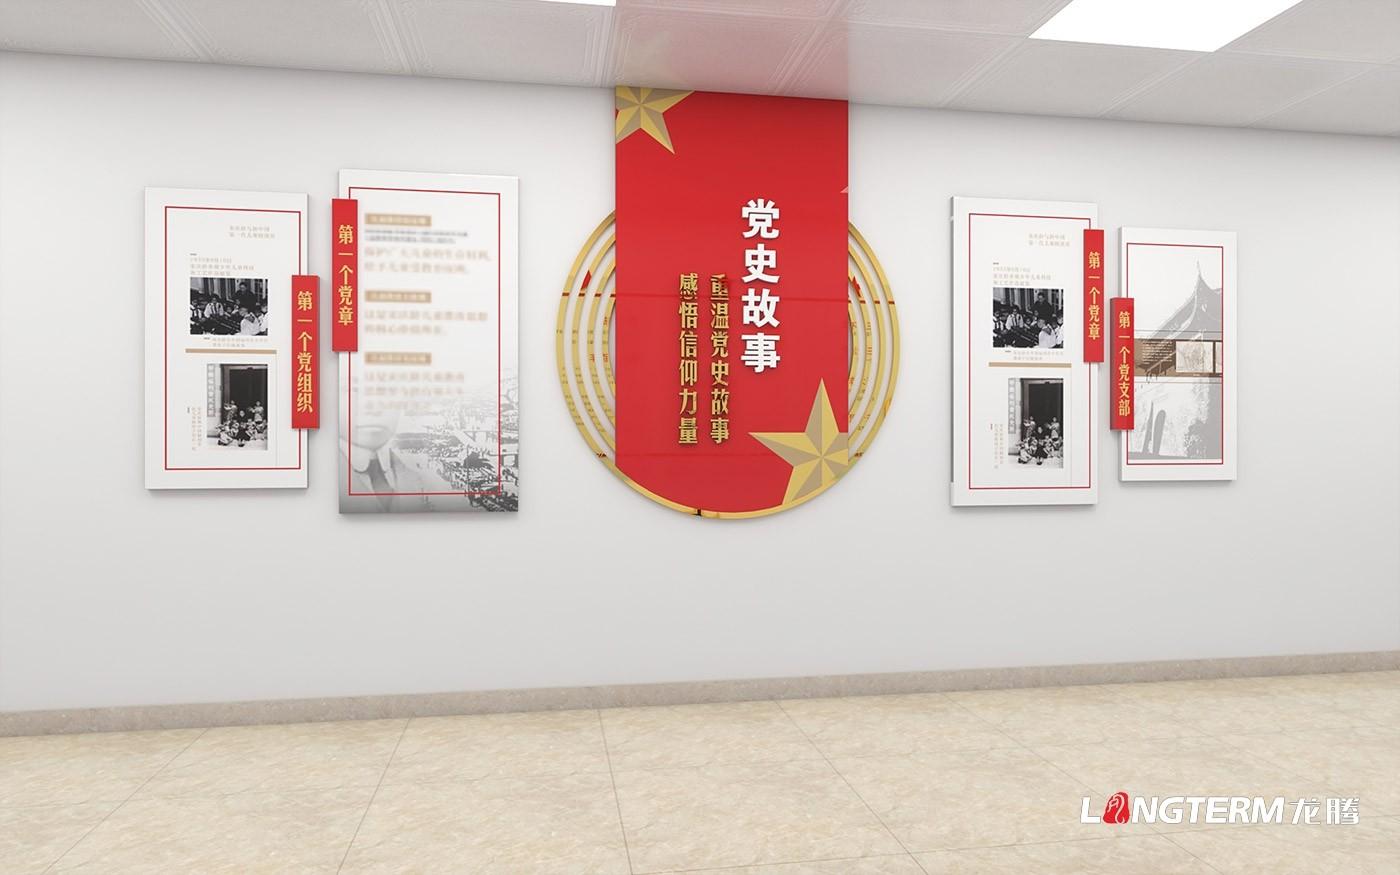 甘孜住房城乡建设管理局荣誉陈列室设计装修_党建文化宣传口号及标语_党政红色文化上墙设计